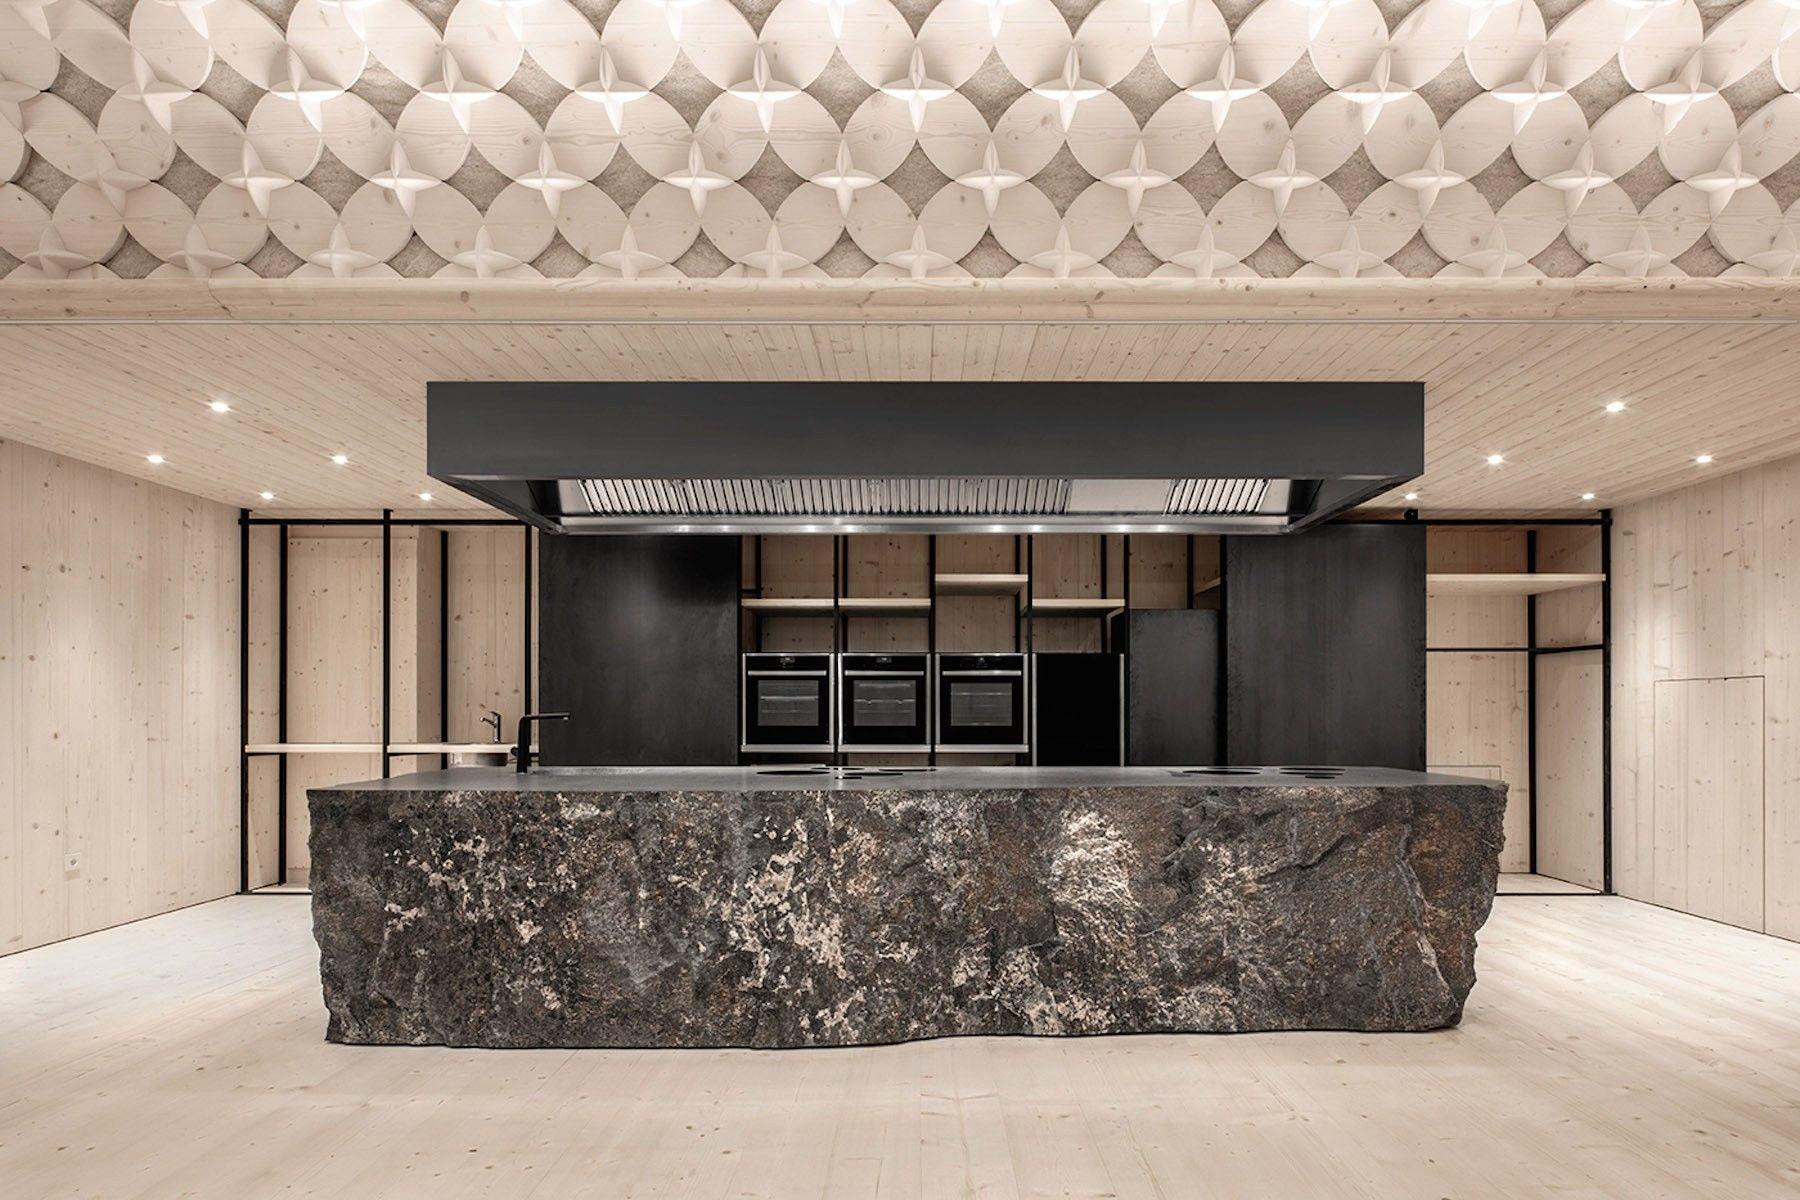 École de cuisine par Pedevilla Architects pour l\'hôtel Bad Schörgau ...